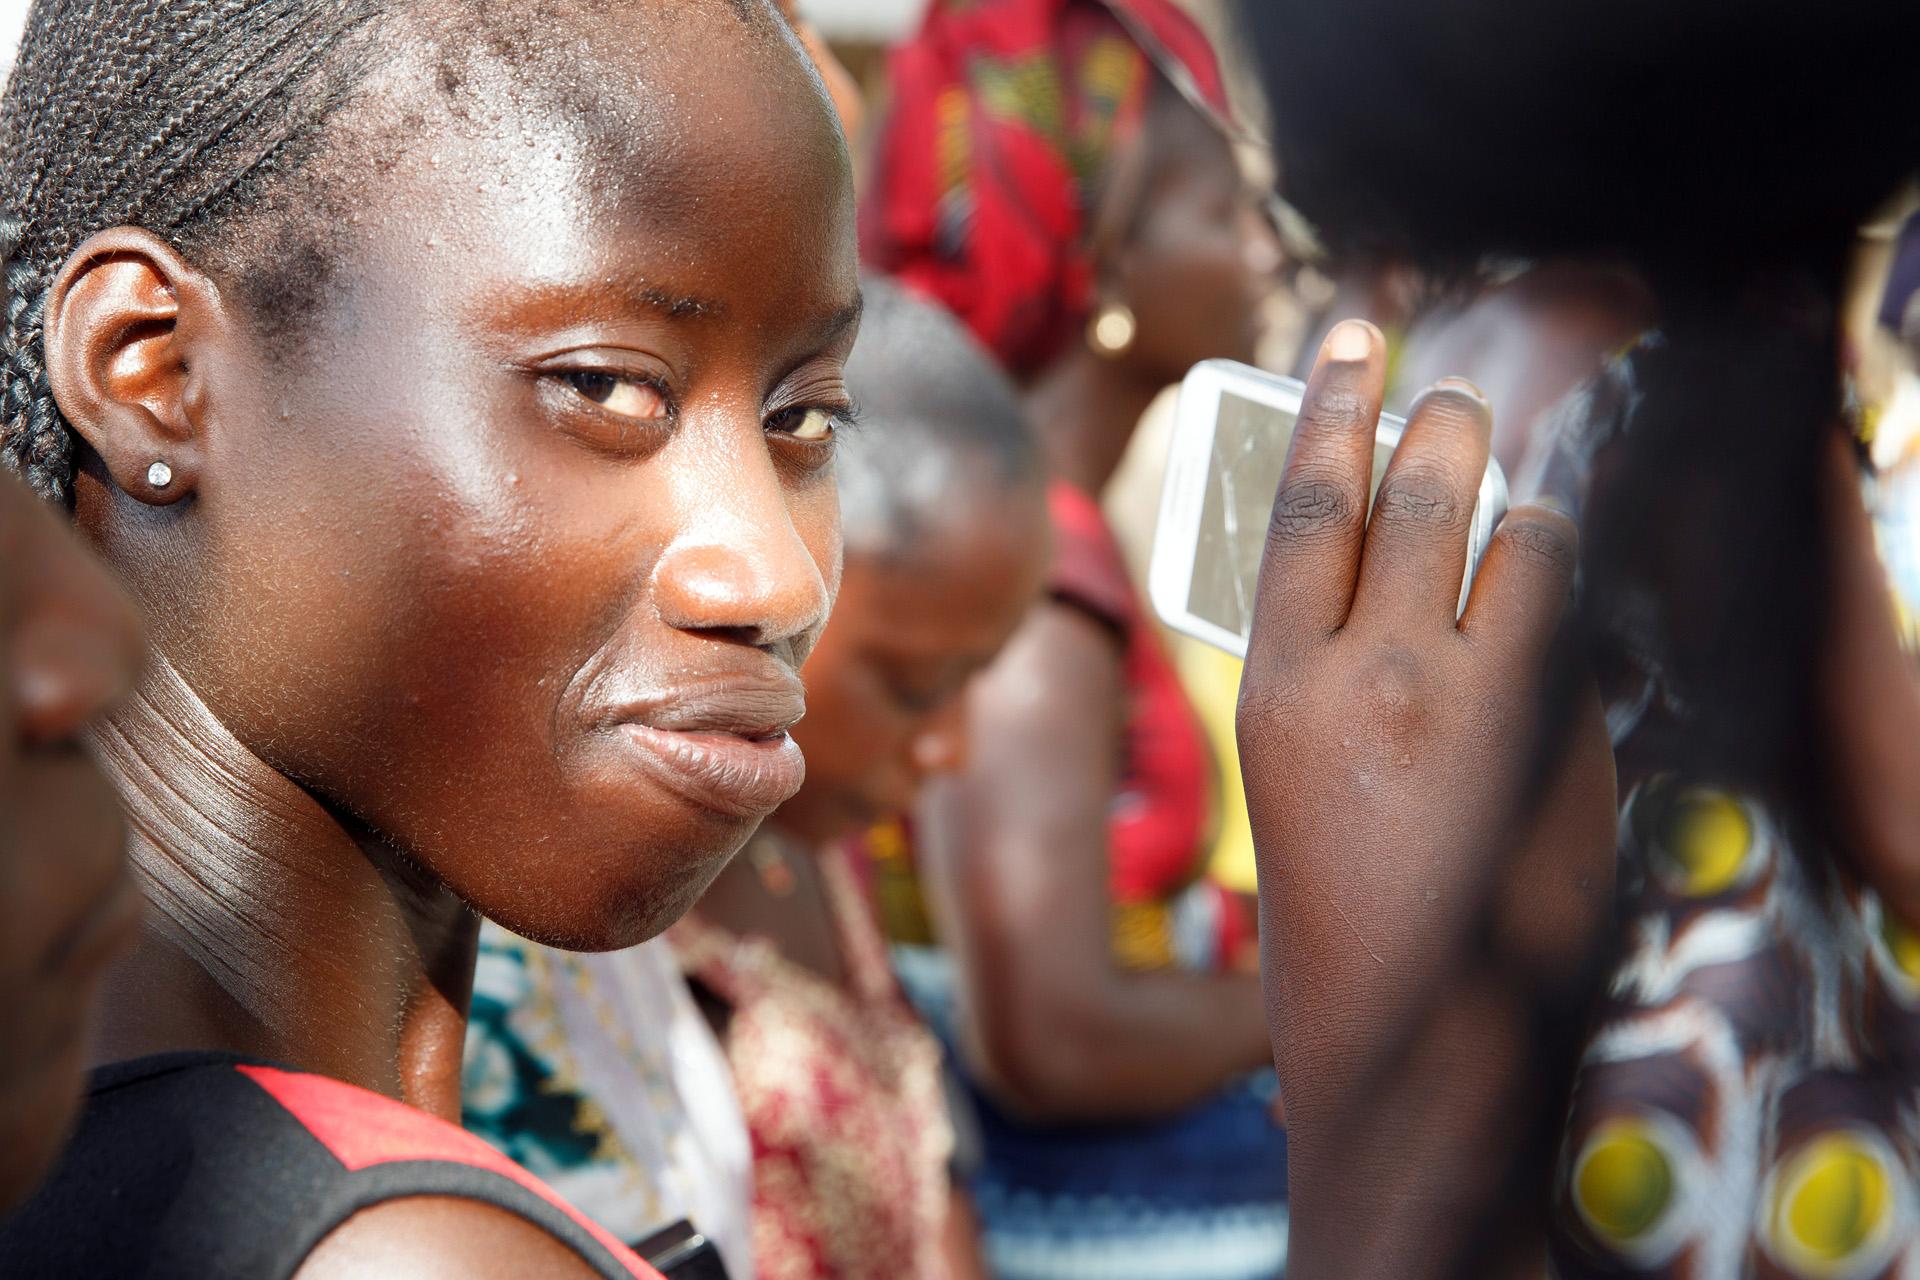 Eine junge Frau im Senegal mit einem Mobiltelefon